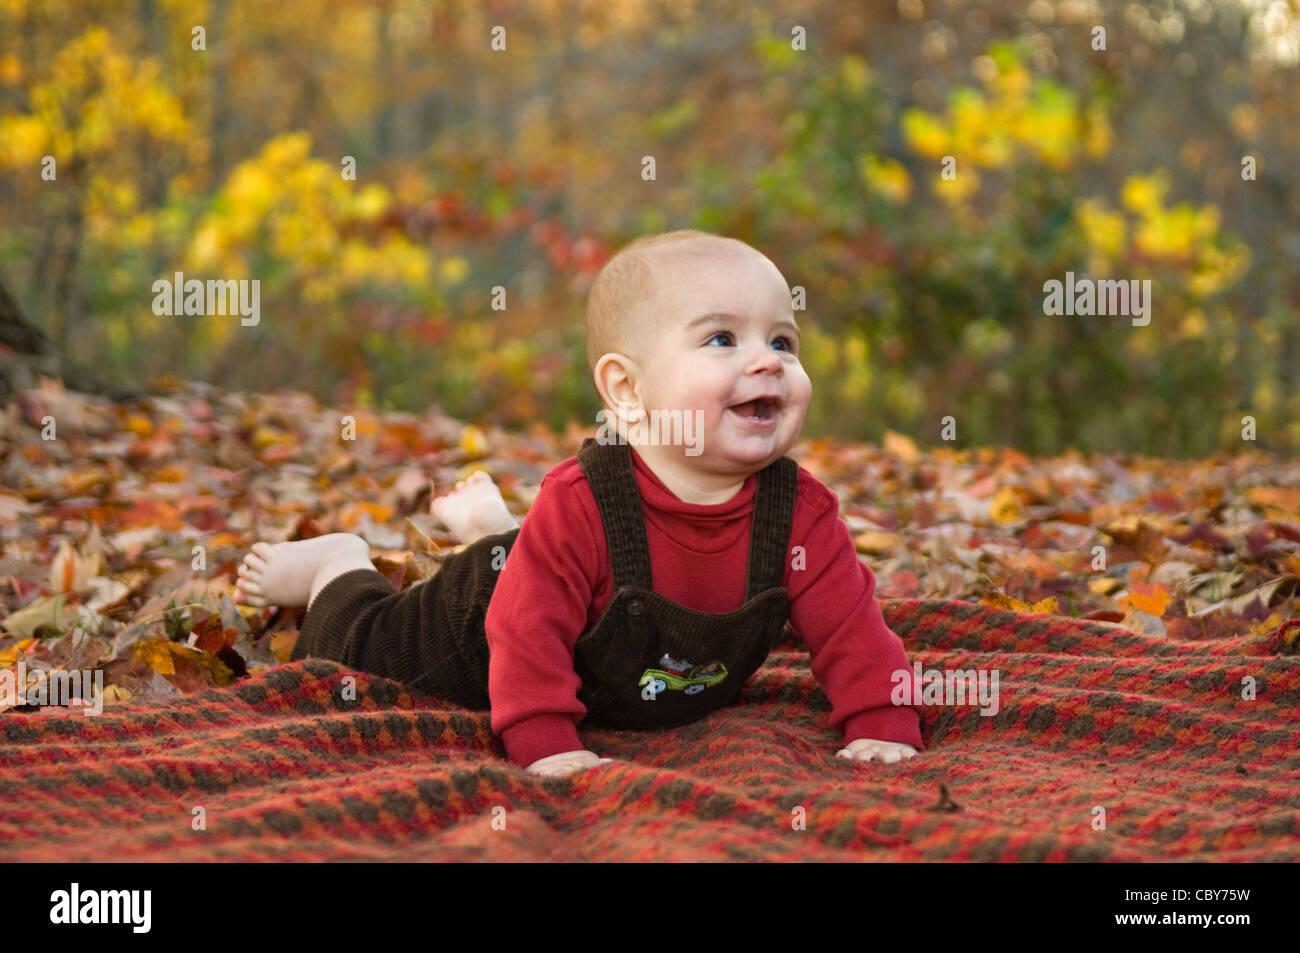 SIx Mois Baby Boy Laying on Blanket En dehors au milieu d'automne Couleur Photo Stock